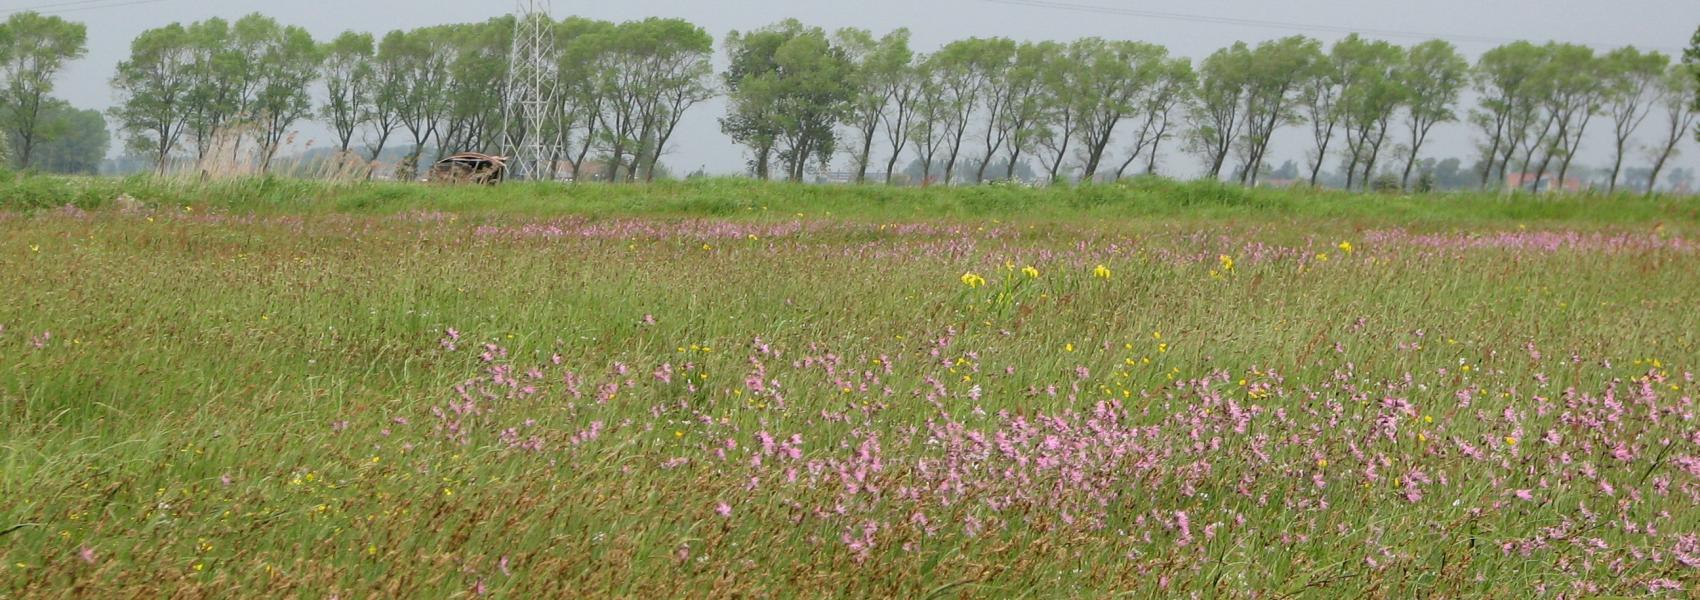 zicht op een een bloemrijk grasland